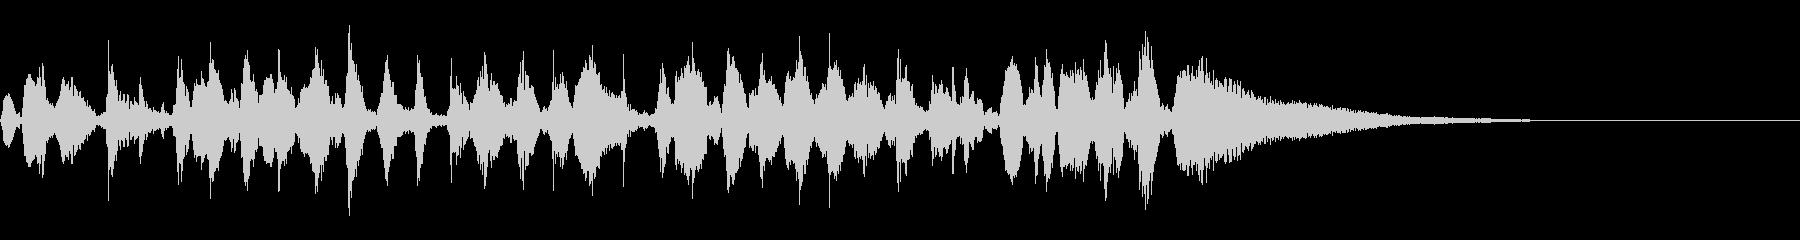 疾走ジプシーバイオリンのジングルの未再生の波形